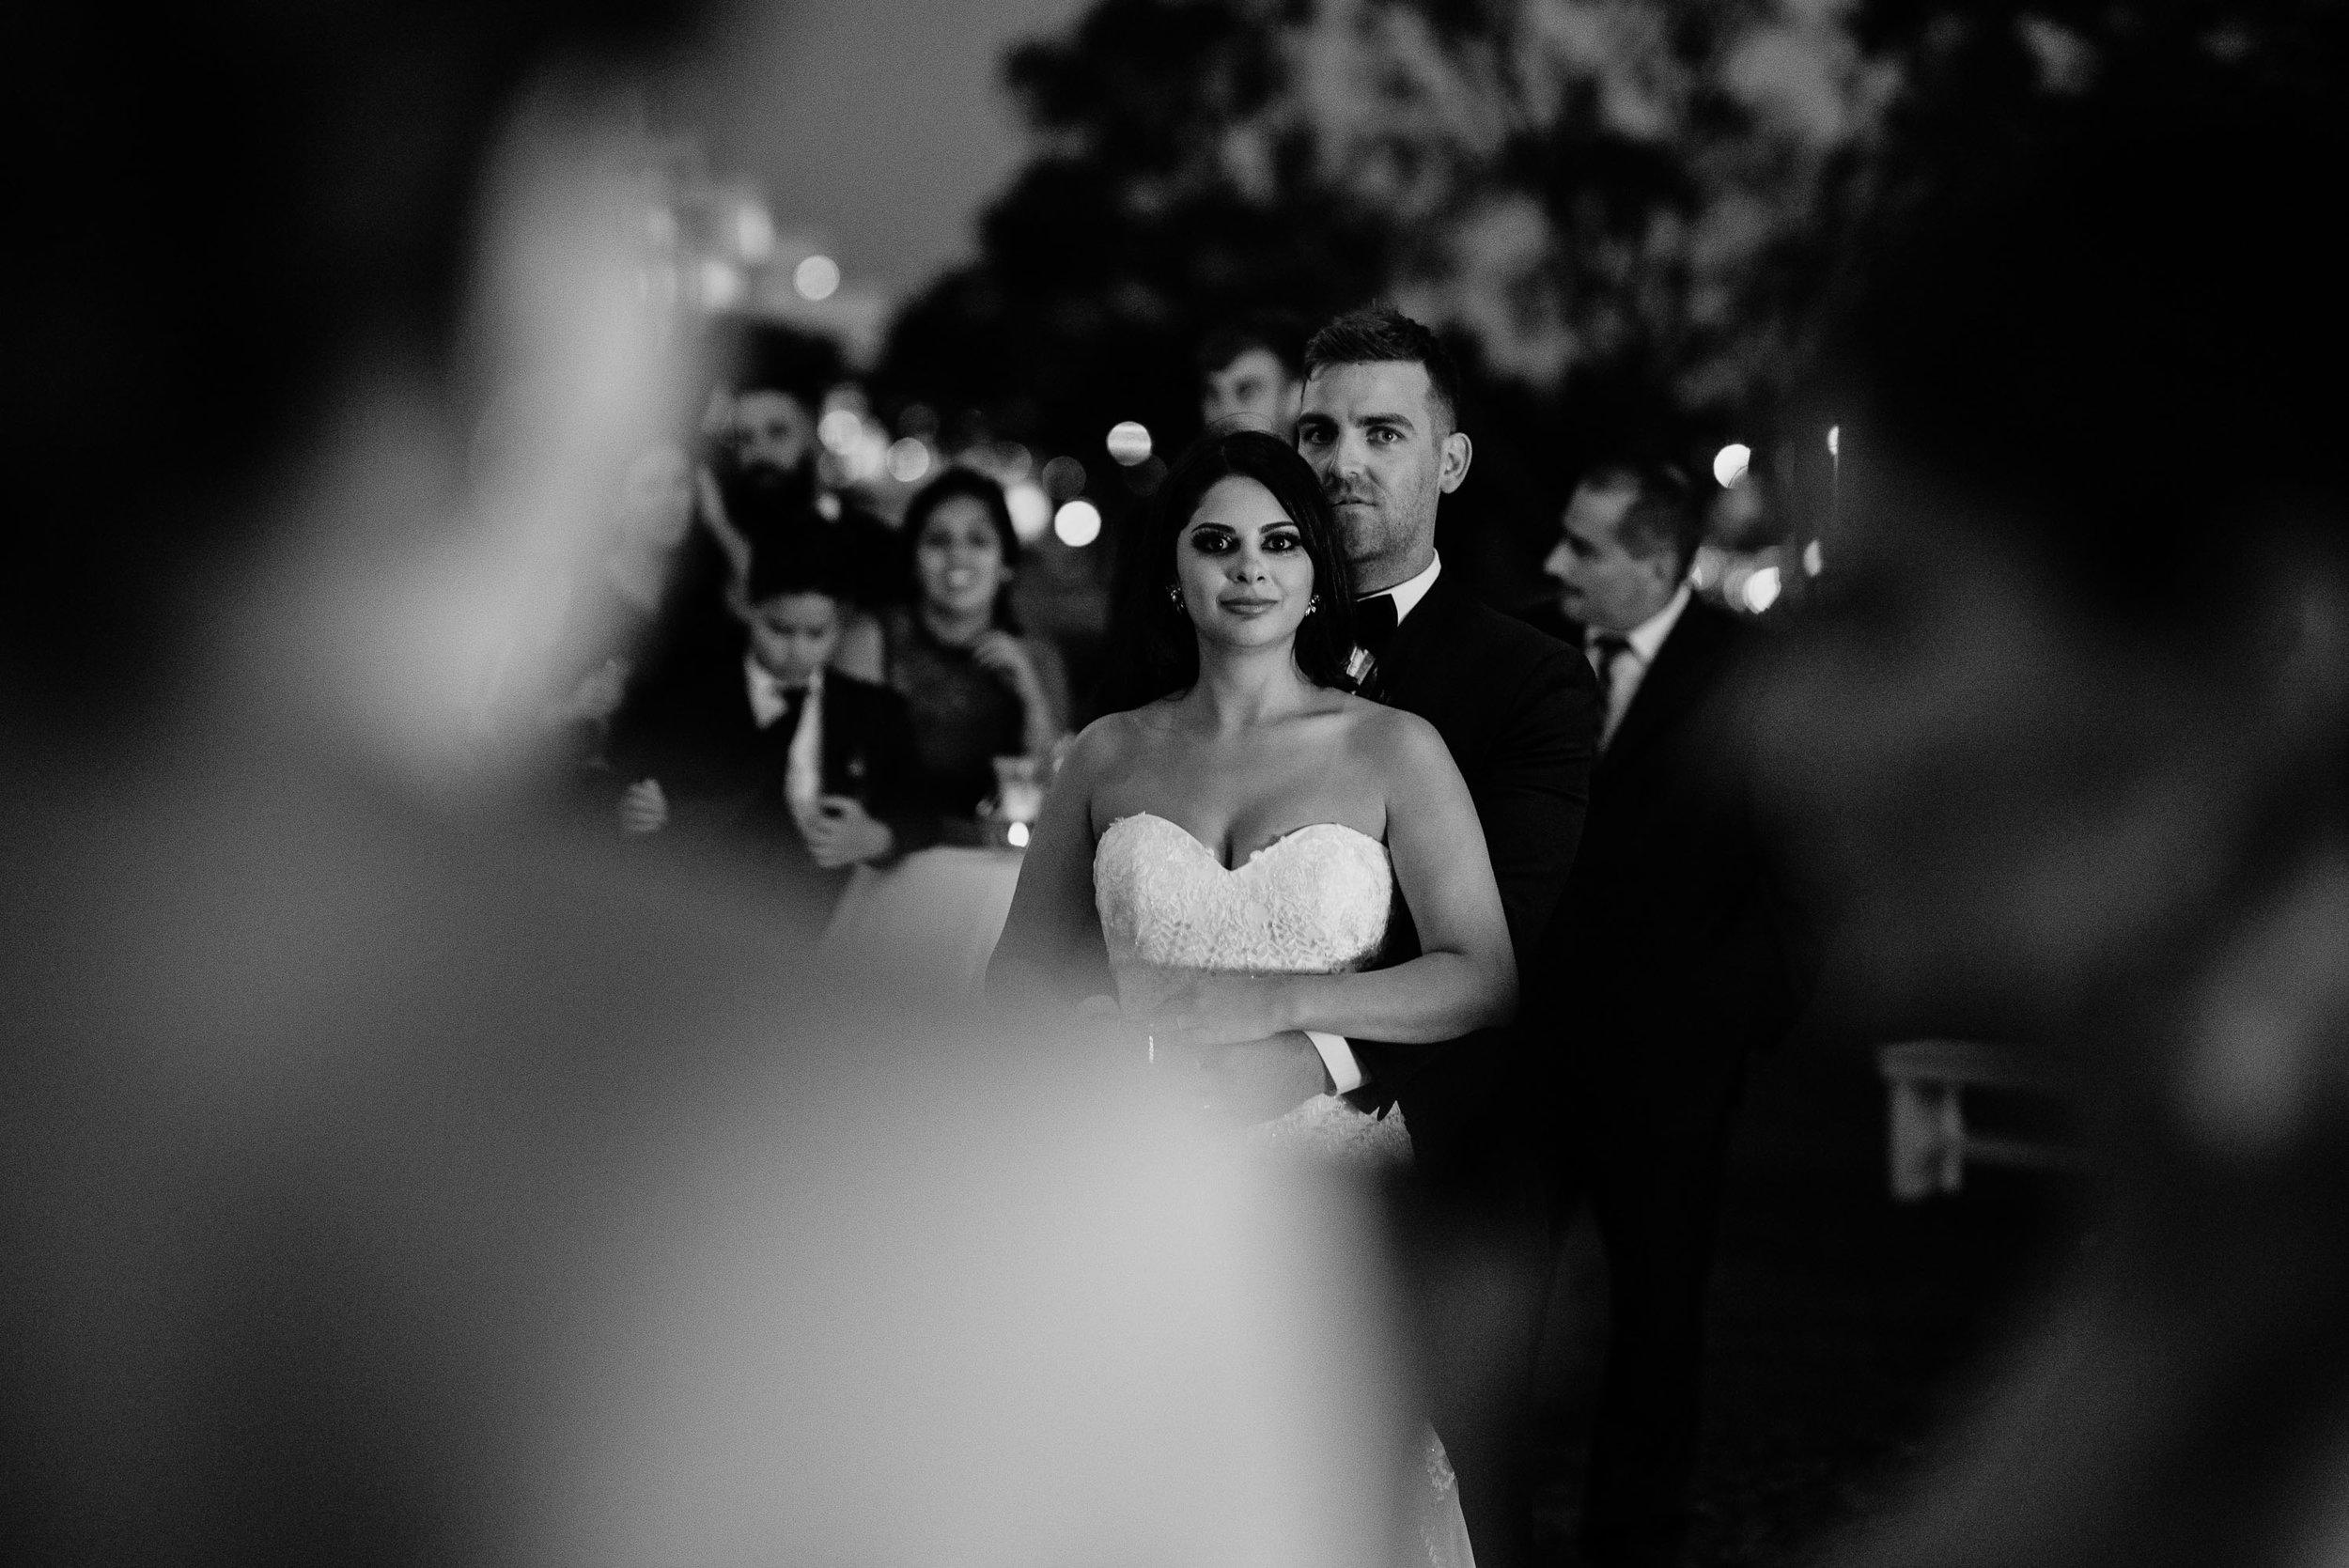 liz-adin-burswood-swan-wedding-sneaks-49.JPG